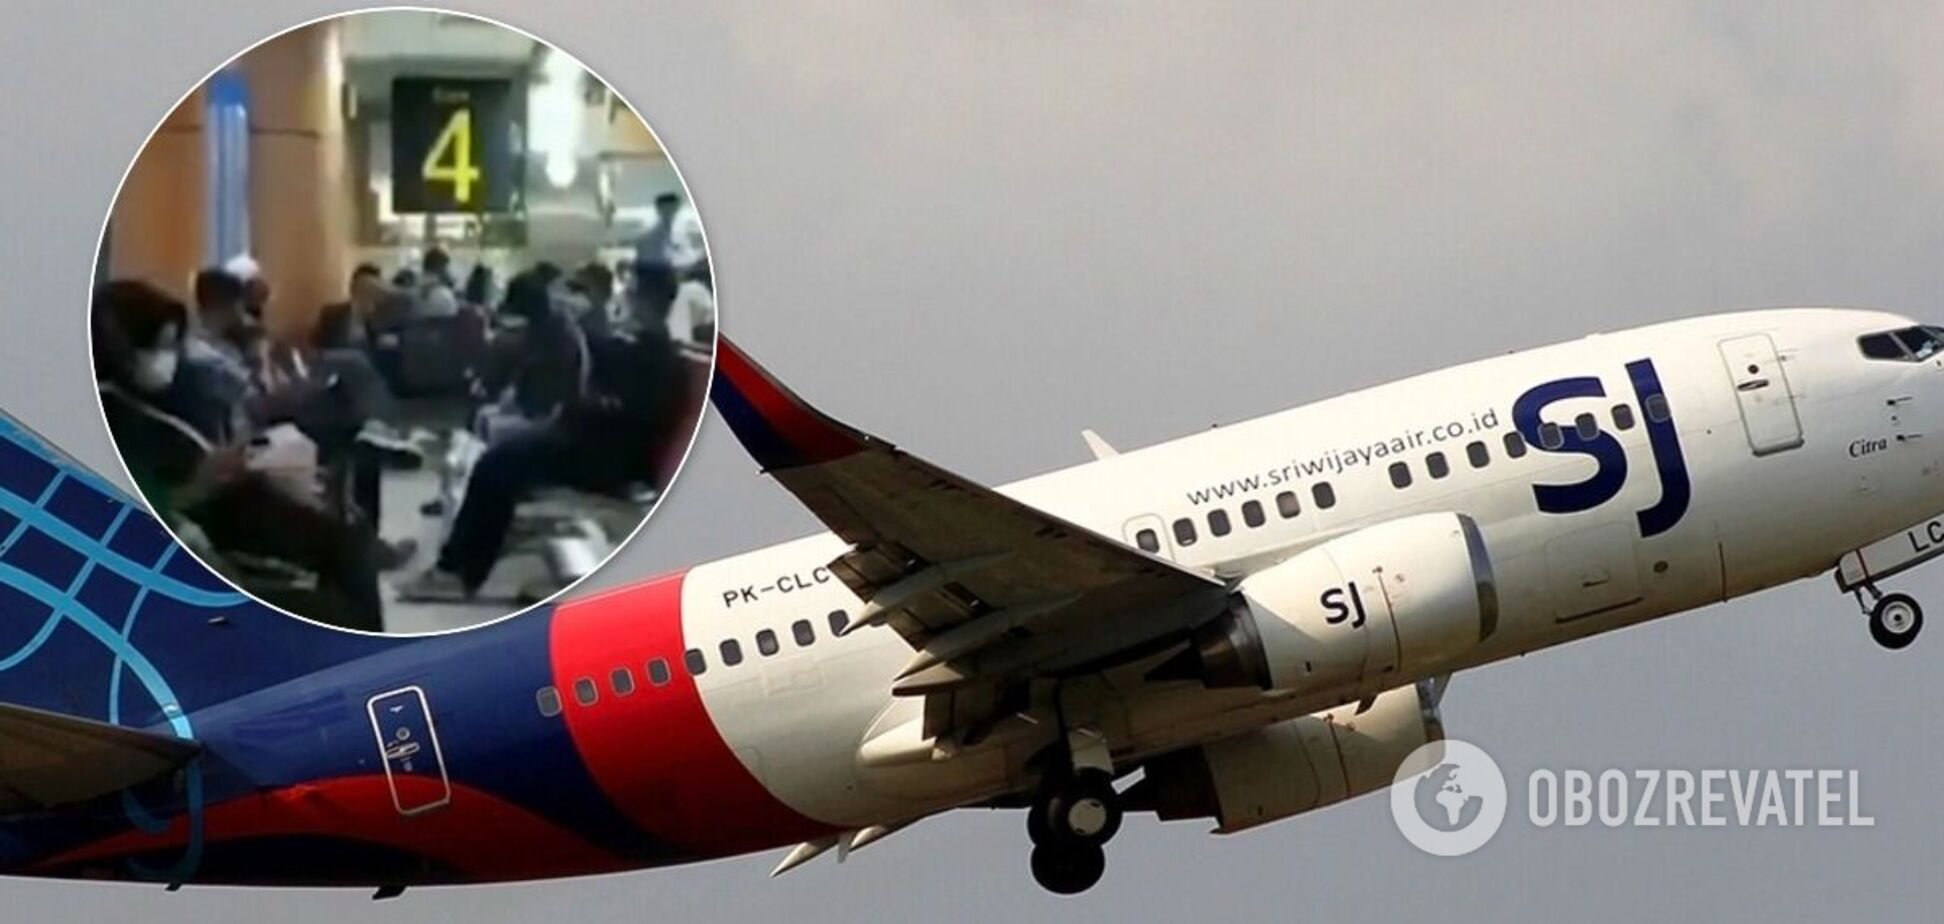 Авіакатастрофа в Індонезії: з'явилися кадри з аеропорту, куди прямував Boeing